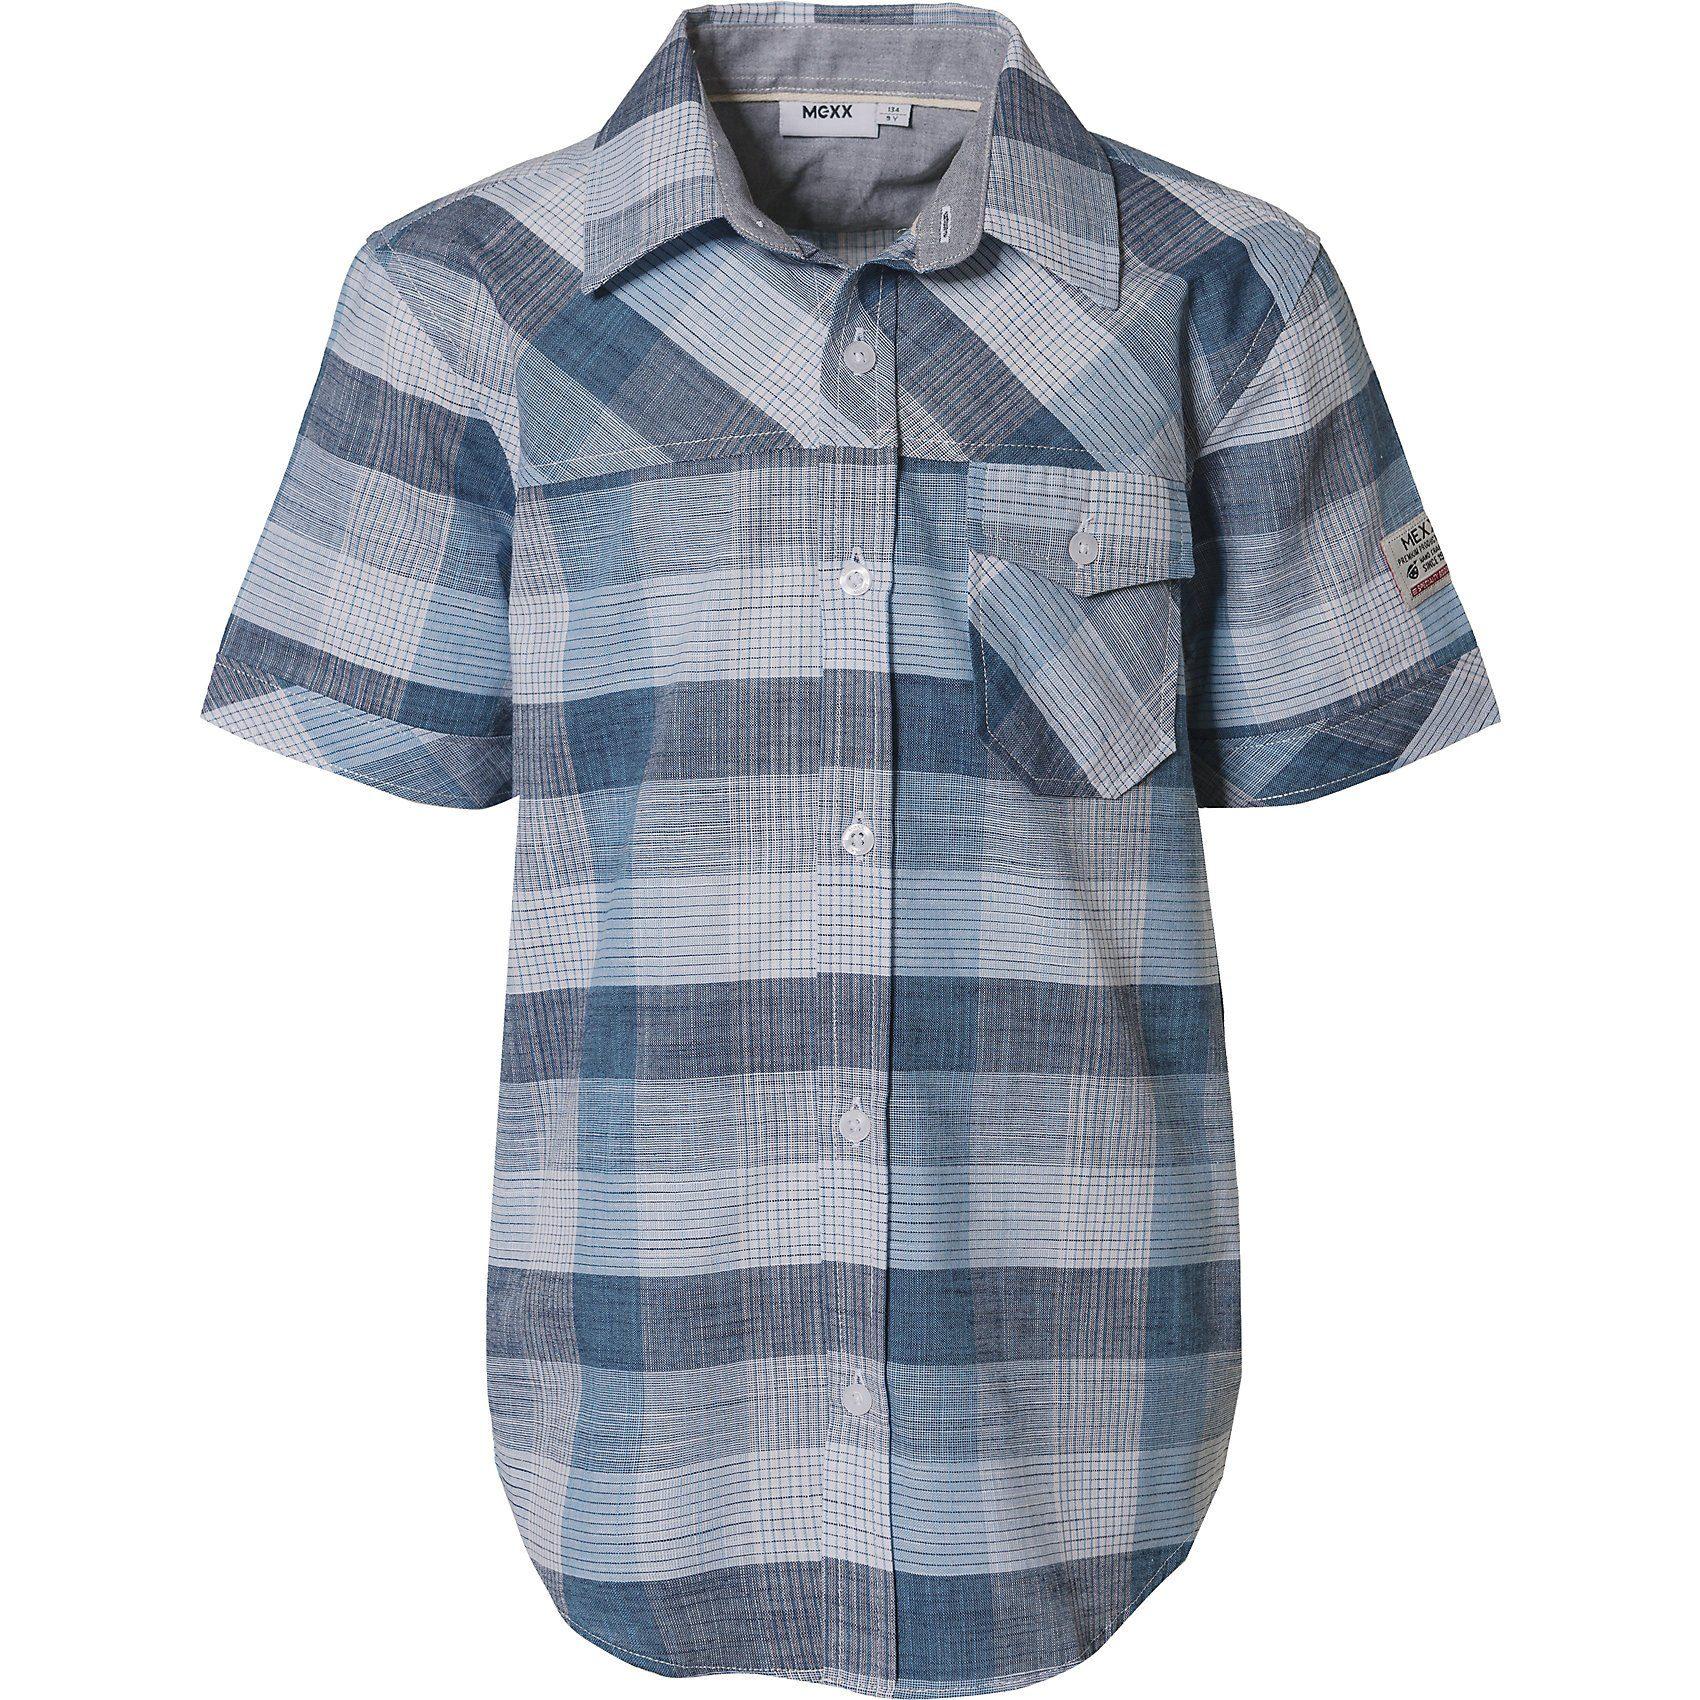 Herren,  Jungen,  Kinder Mexx Kurzarmhemd für Jungen blau   08719829205269